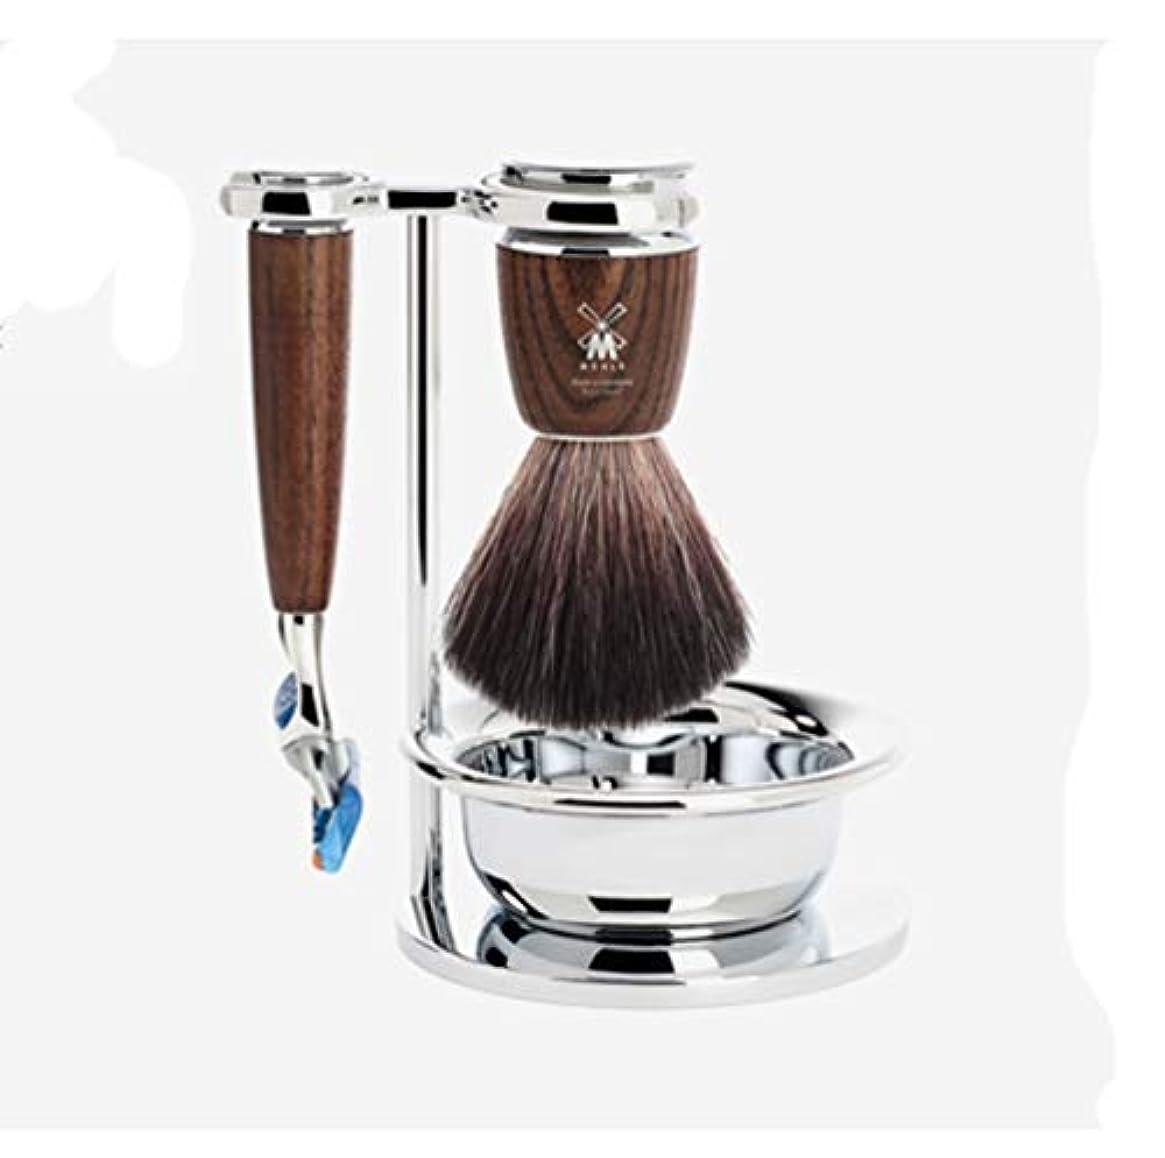 名前でネズミフォーカスMuller Rytmo Shaving Set ミューレ シェービングセットFusion Gilletteの互換性 (かみそり+剃るスタンド+剃毛ボール+シェービングブラシ)(並行輸入品)